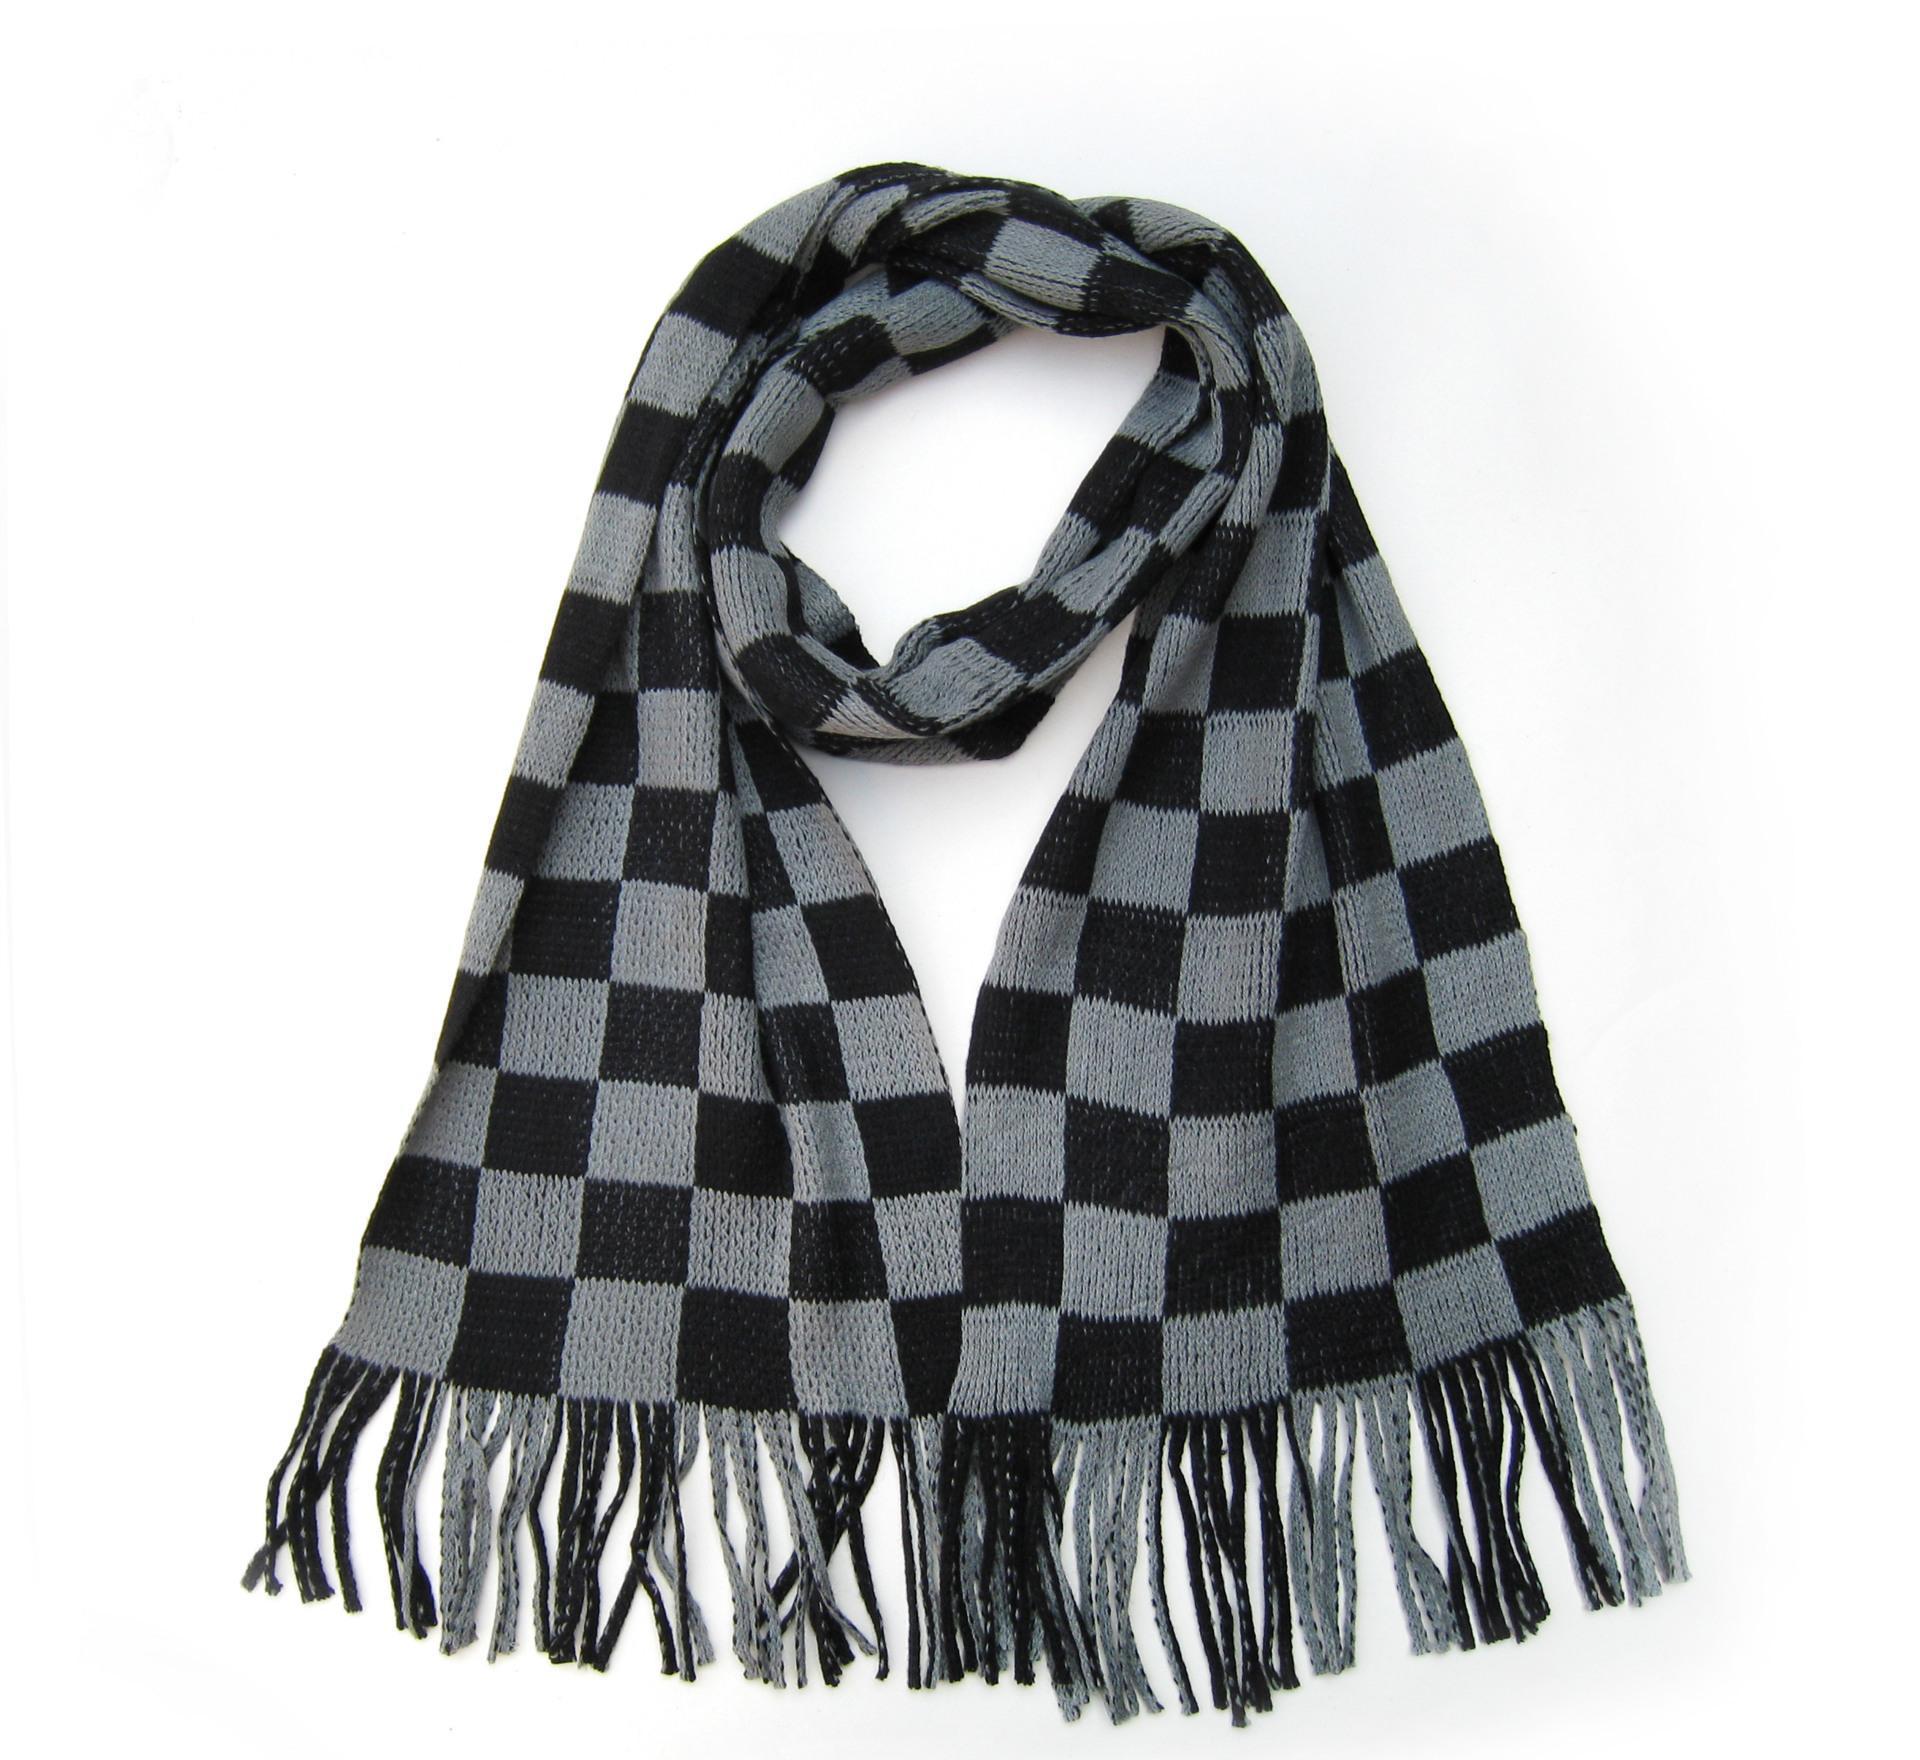 新款冬季羊绒围巾男士围巾男款女士围巾仿绒围脖厚正品英伦格子